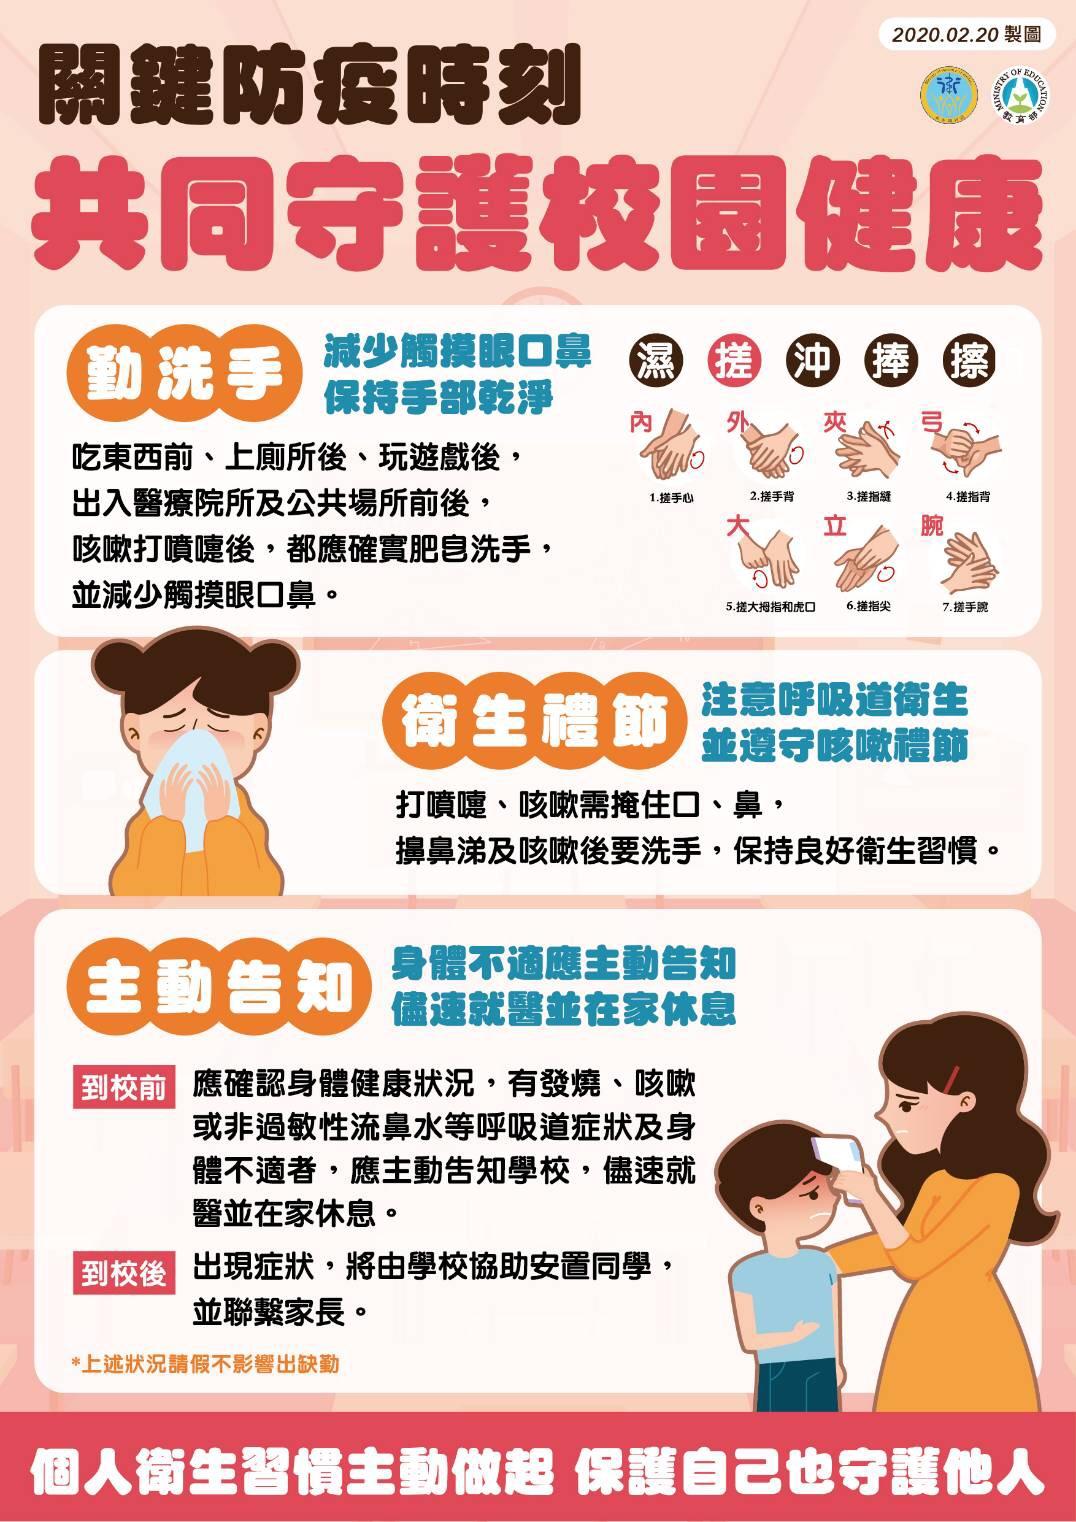 關鍵防疫-勤洗手